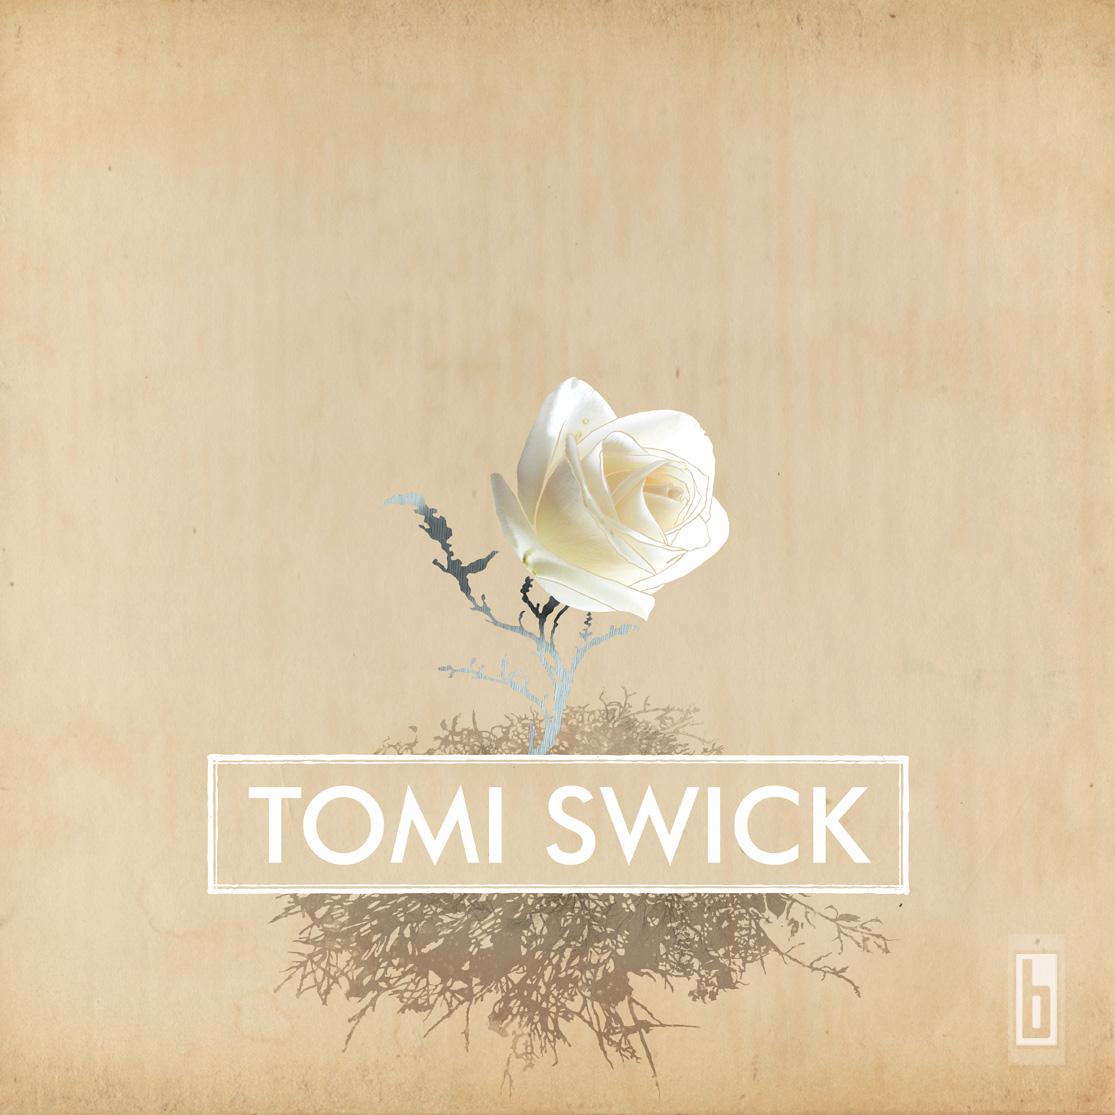 TOMISWICK06_1115